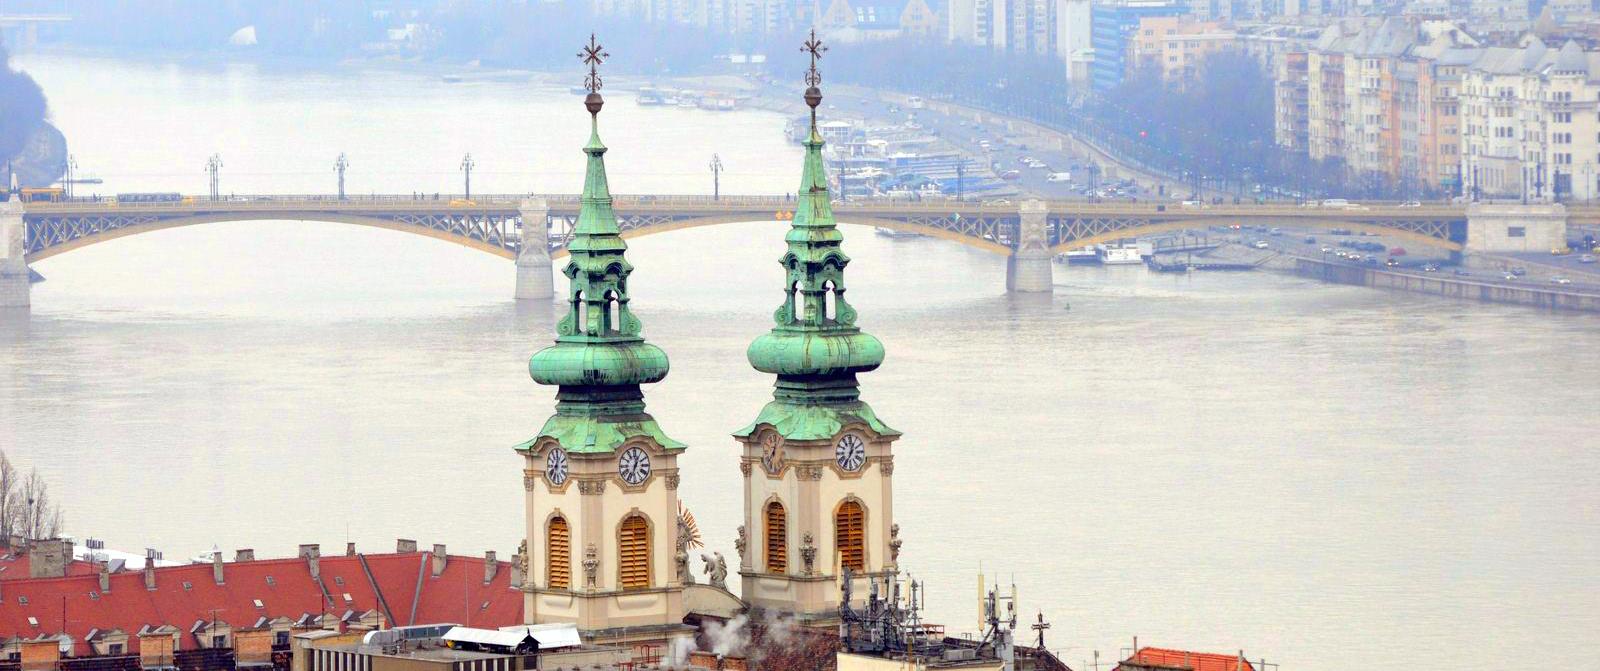 Qué ver en Budapest en un fin de semana: Budapest desde la colina del Castillo en Buda budapest en un fin de semana - 21235386969 74aa6c0e0d o - Qué ver en Budapest en un fin de semana